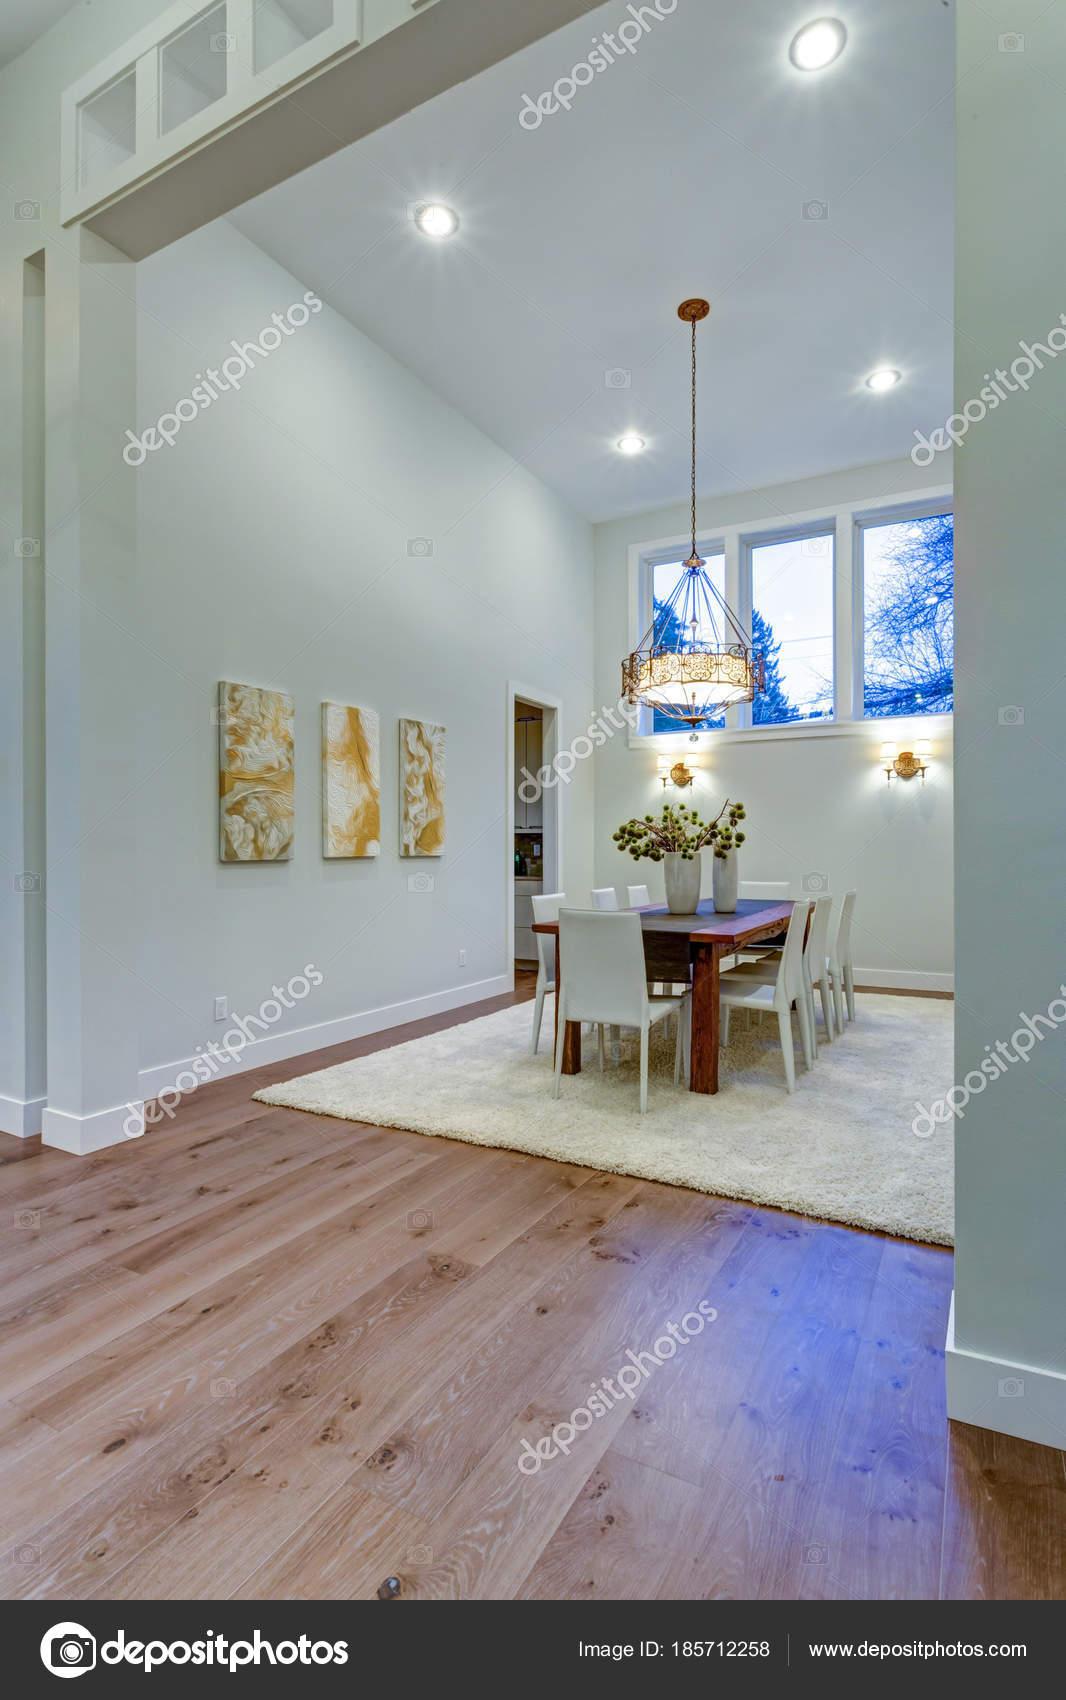 Neue benutzerdefinierte gebaut Hause bietet geräumigen Essbereich ...